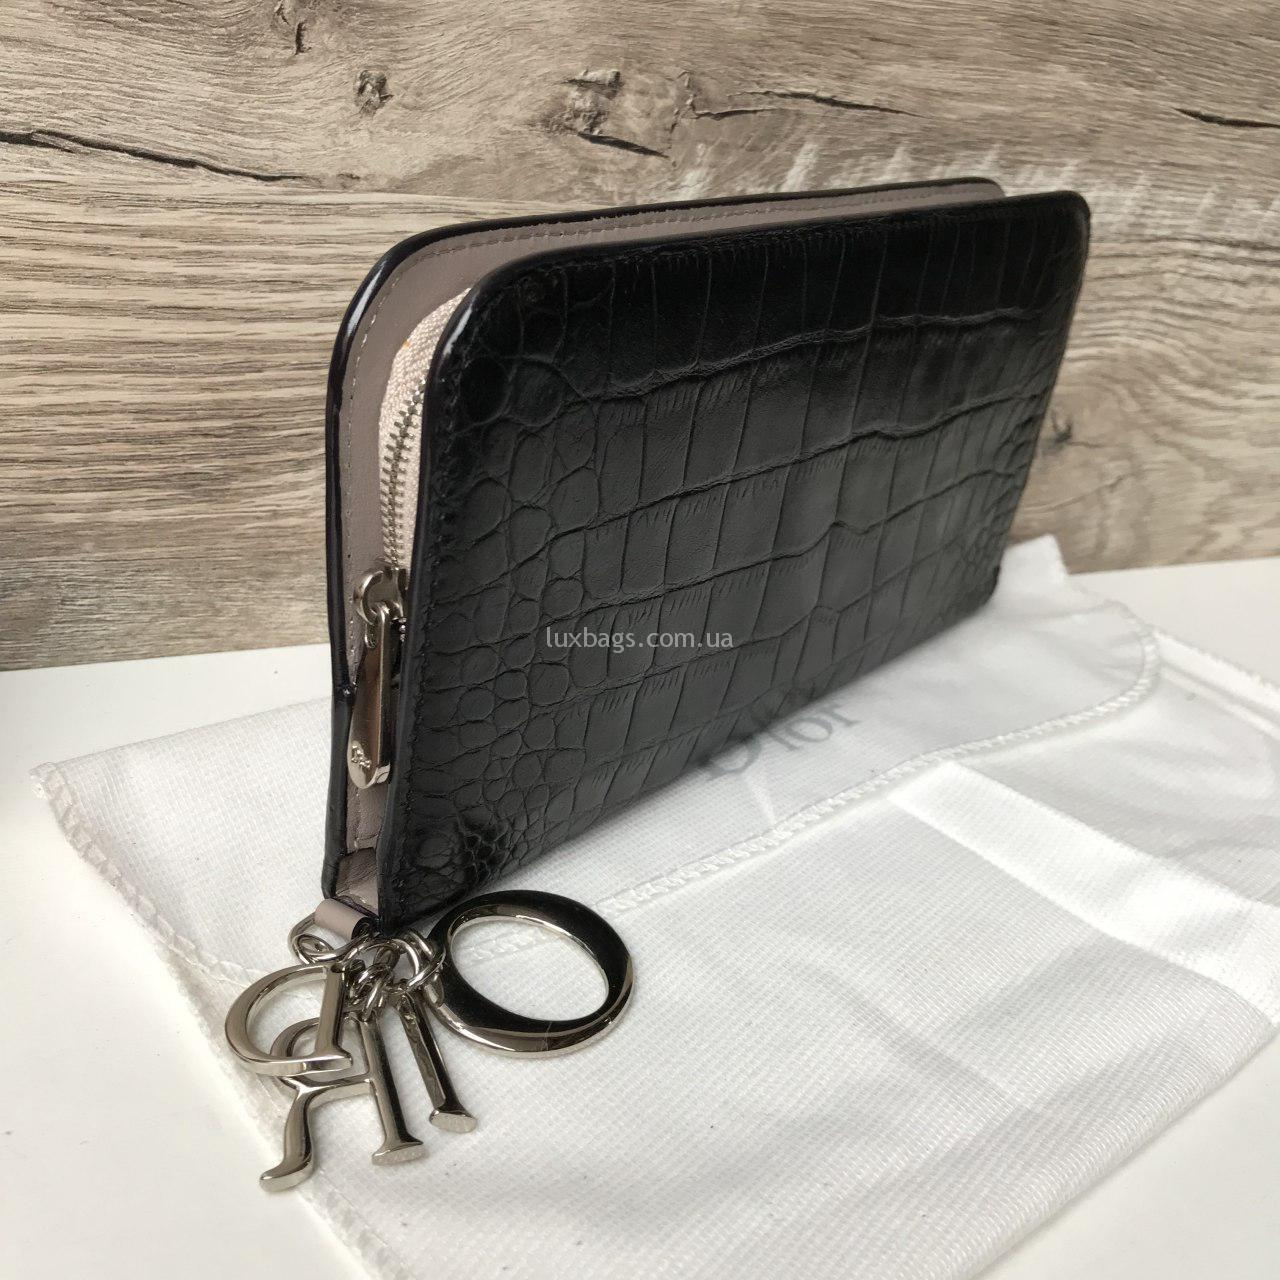 Купить Женская красивый кошелек Dior Диор   lux-bags 170f8b00be1